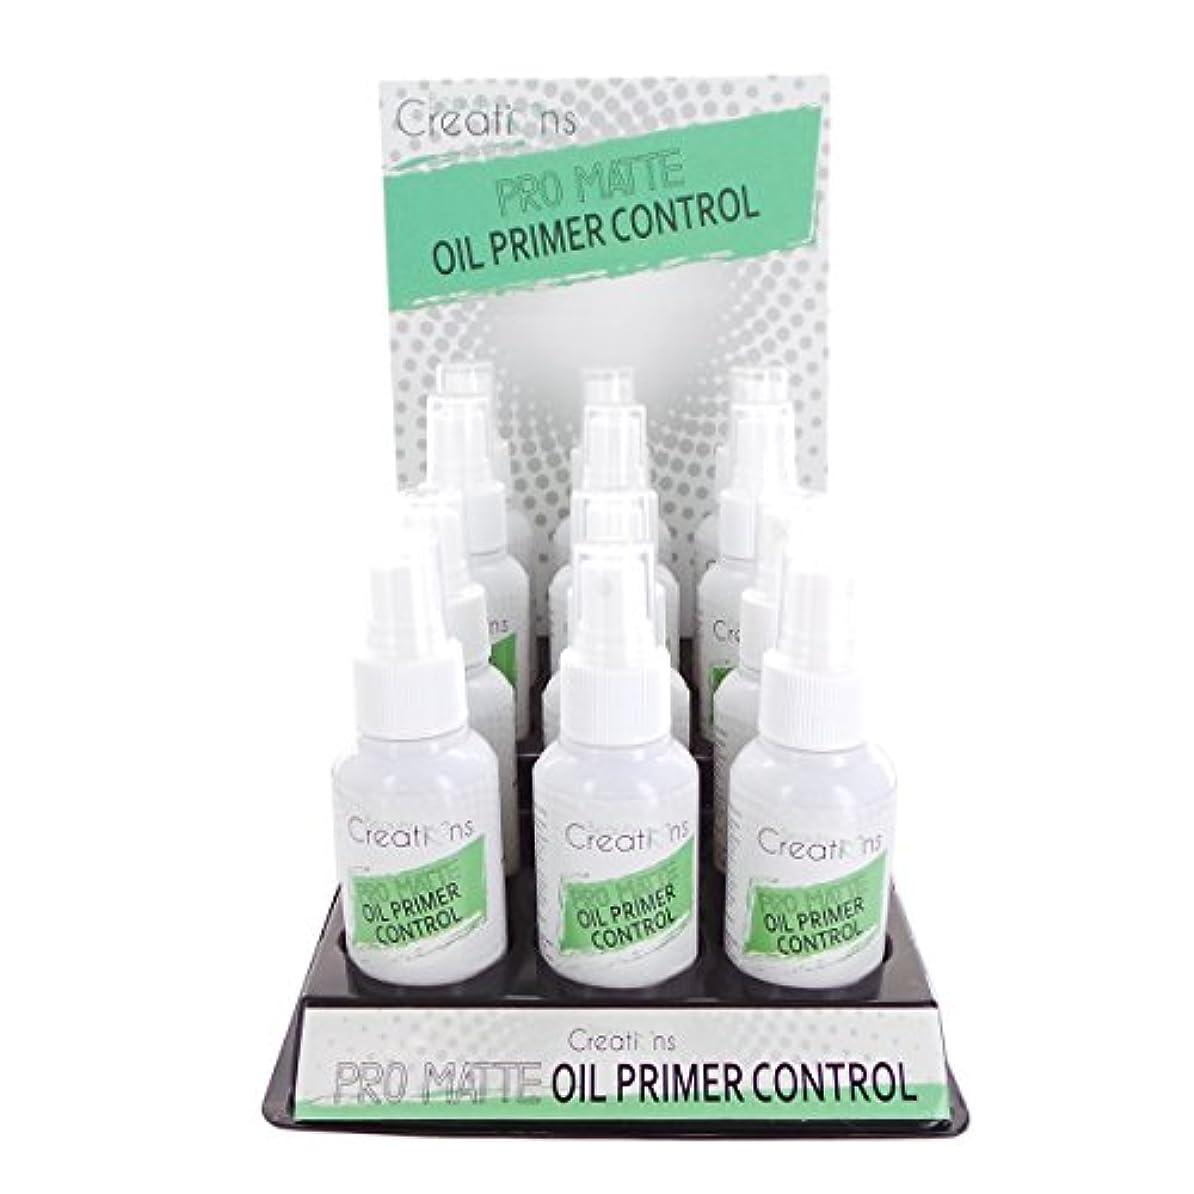 瞑想護衛ペニーBEAUTY CREATIONS Pro Matte Oil Primer Control Spray Display Set, 12 Pieces (並行輸入品)